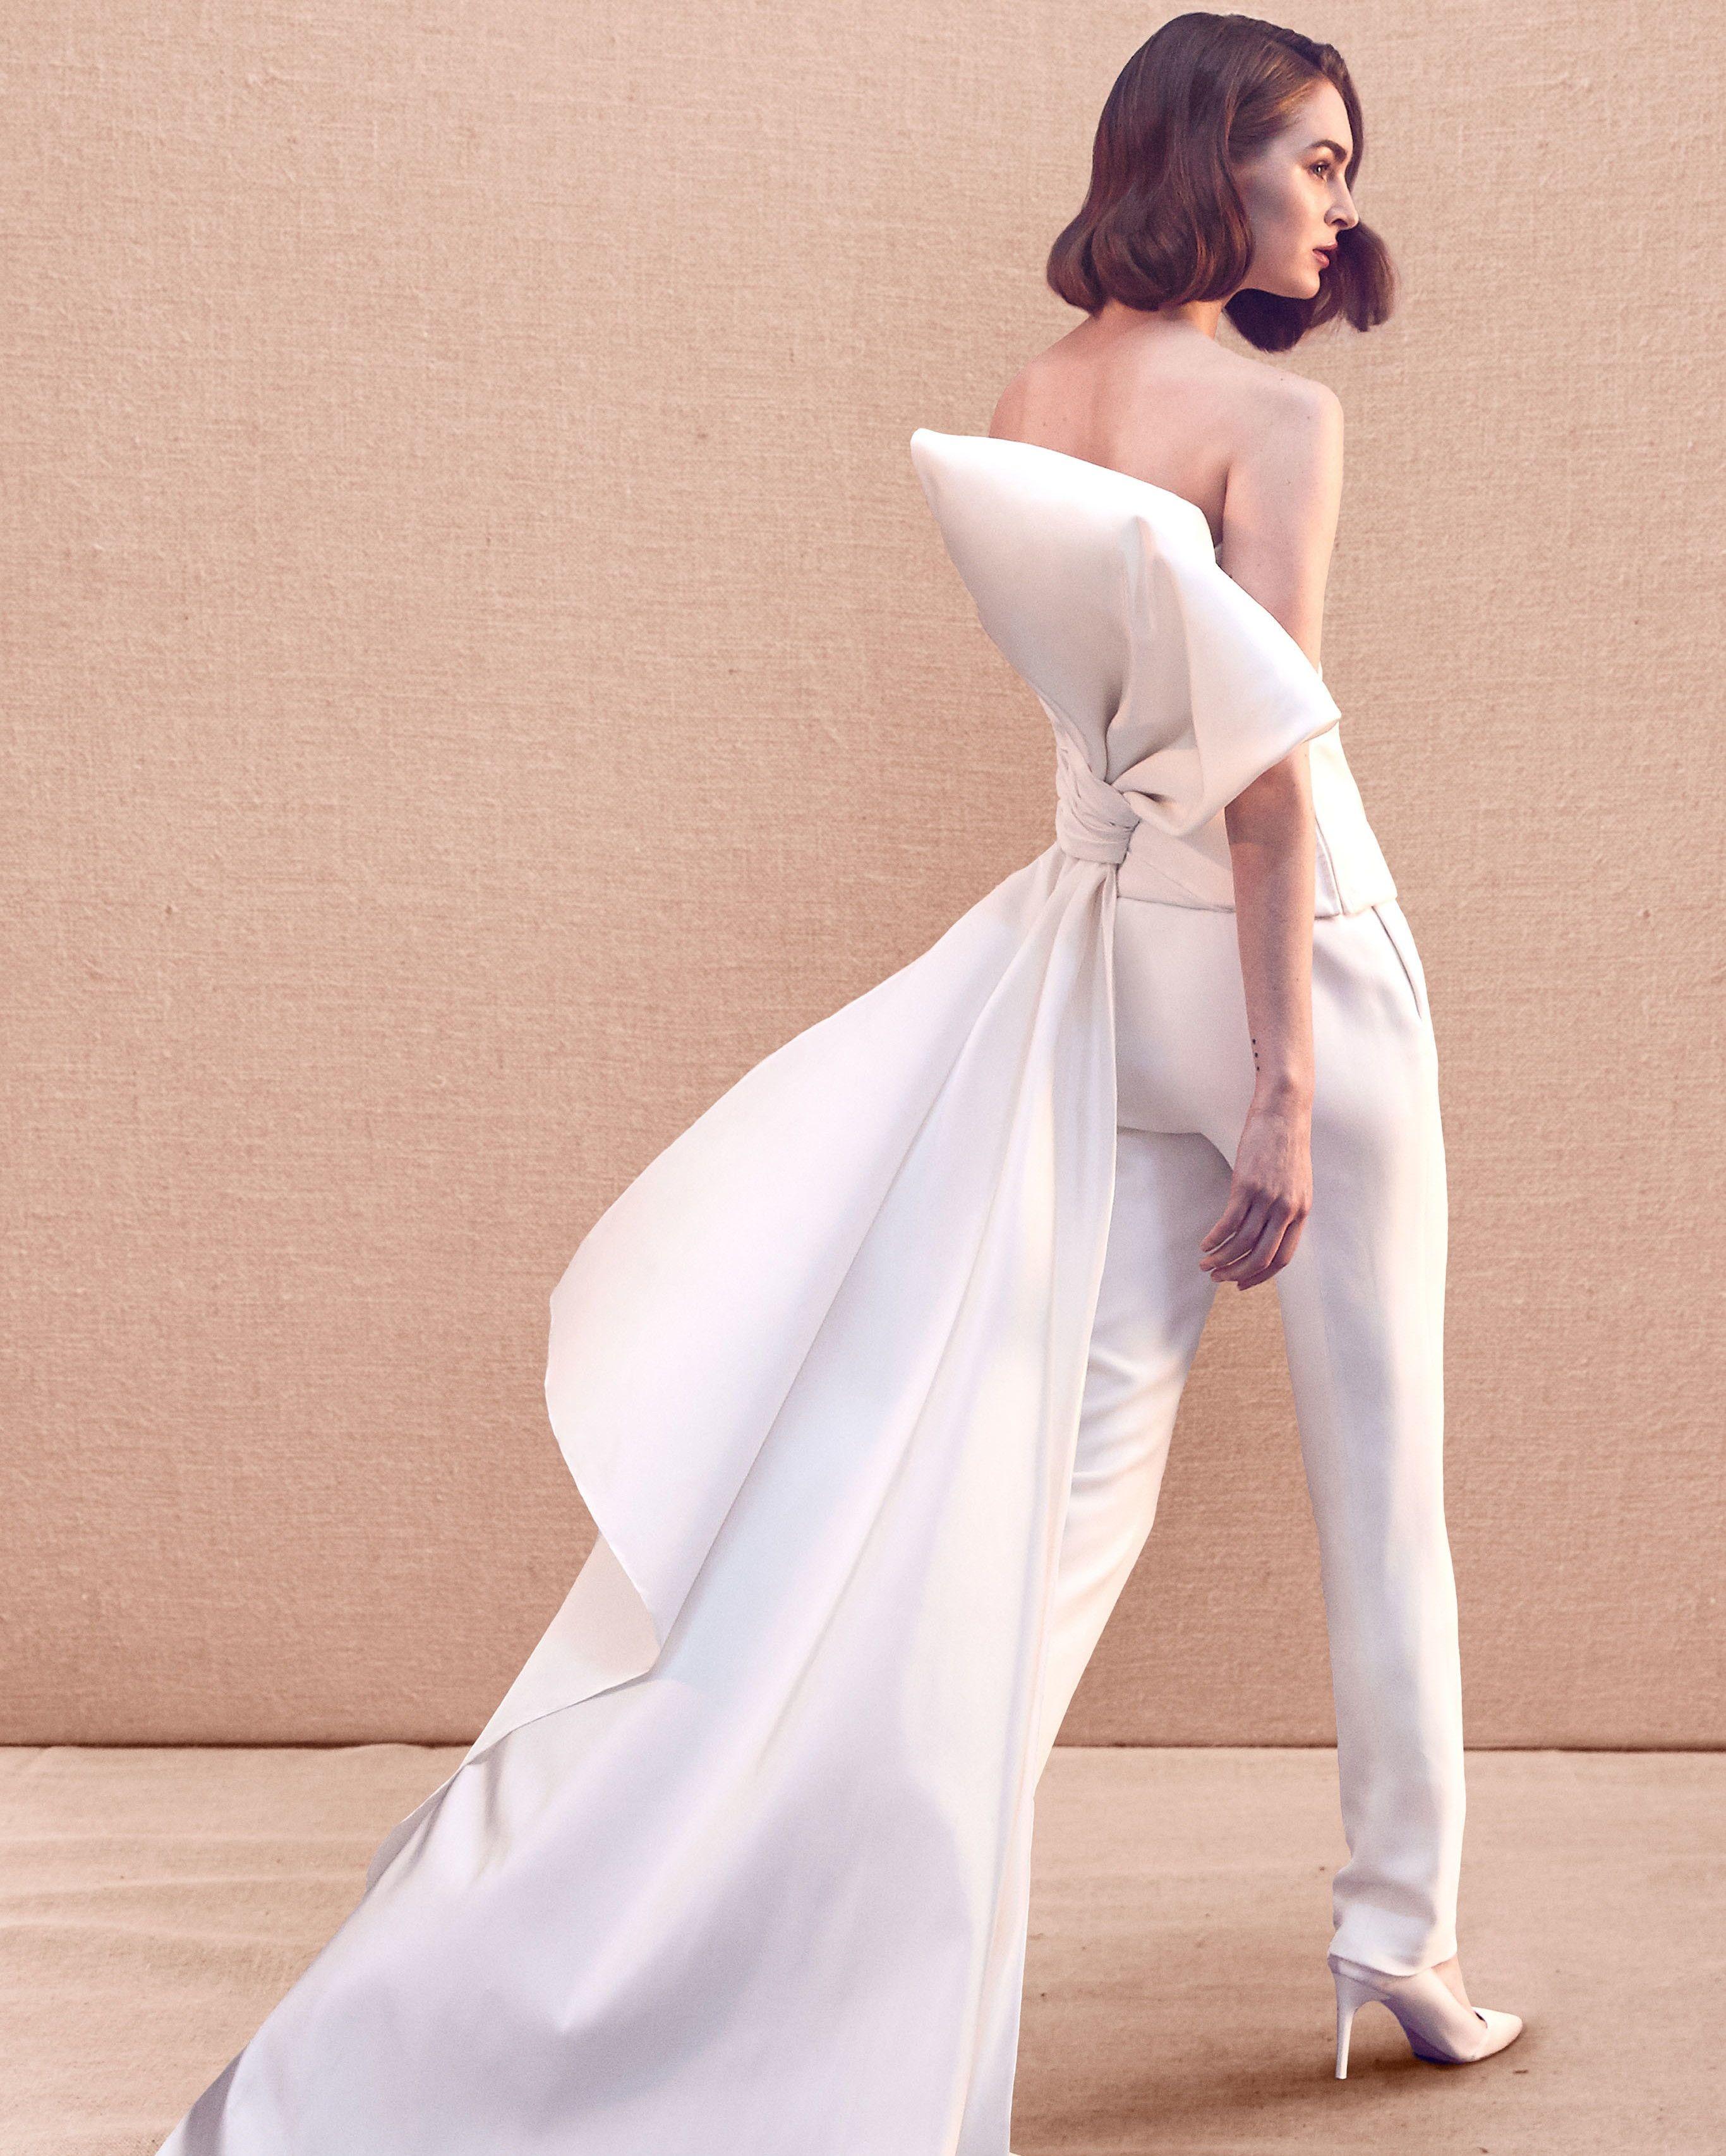 check-out 8da6a fcff1 Trend 2020: l'abito da sposa con i pantaloni - Wedding ...